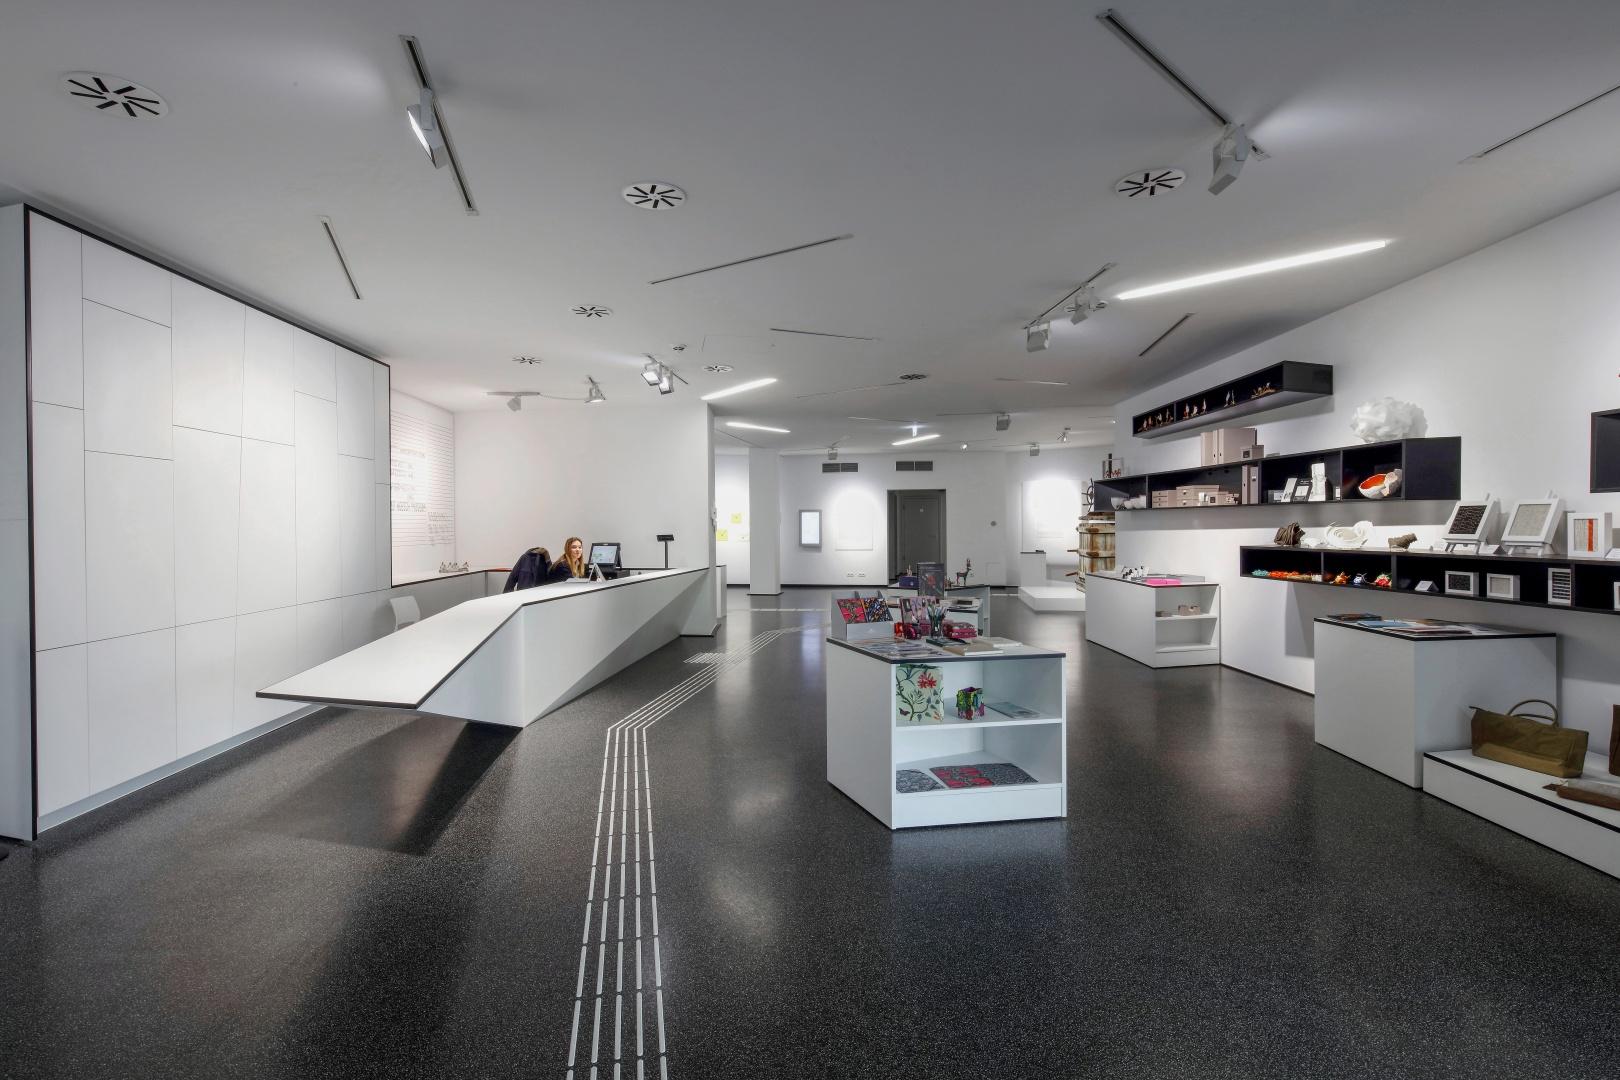 Eingangsfoyer, links die Kasse: Das Museum verfügt über ein taktiles Leitsystem für Sehbehinderte,  das auch zur Raumgestaltung eingesetzt wurde. © Holz